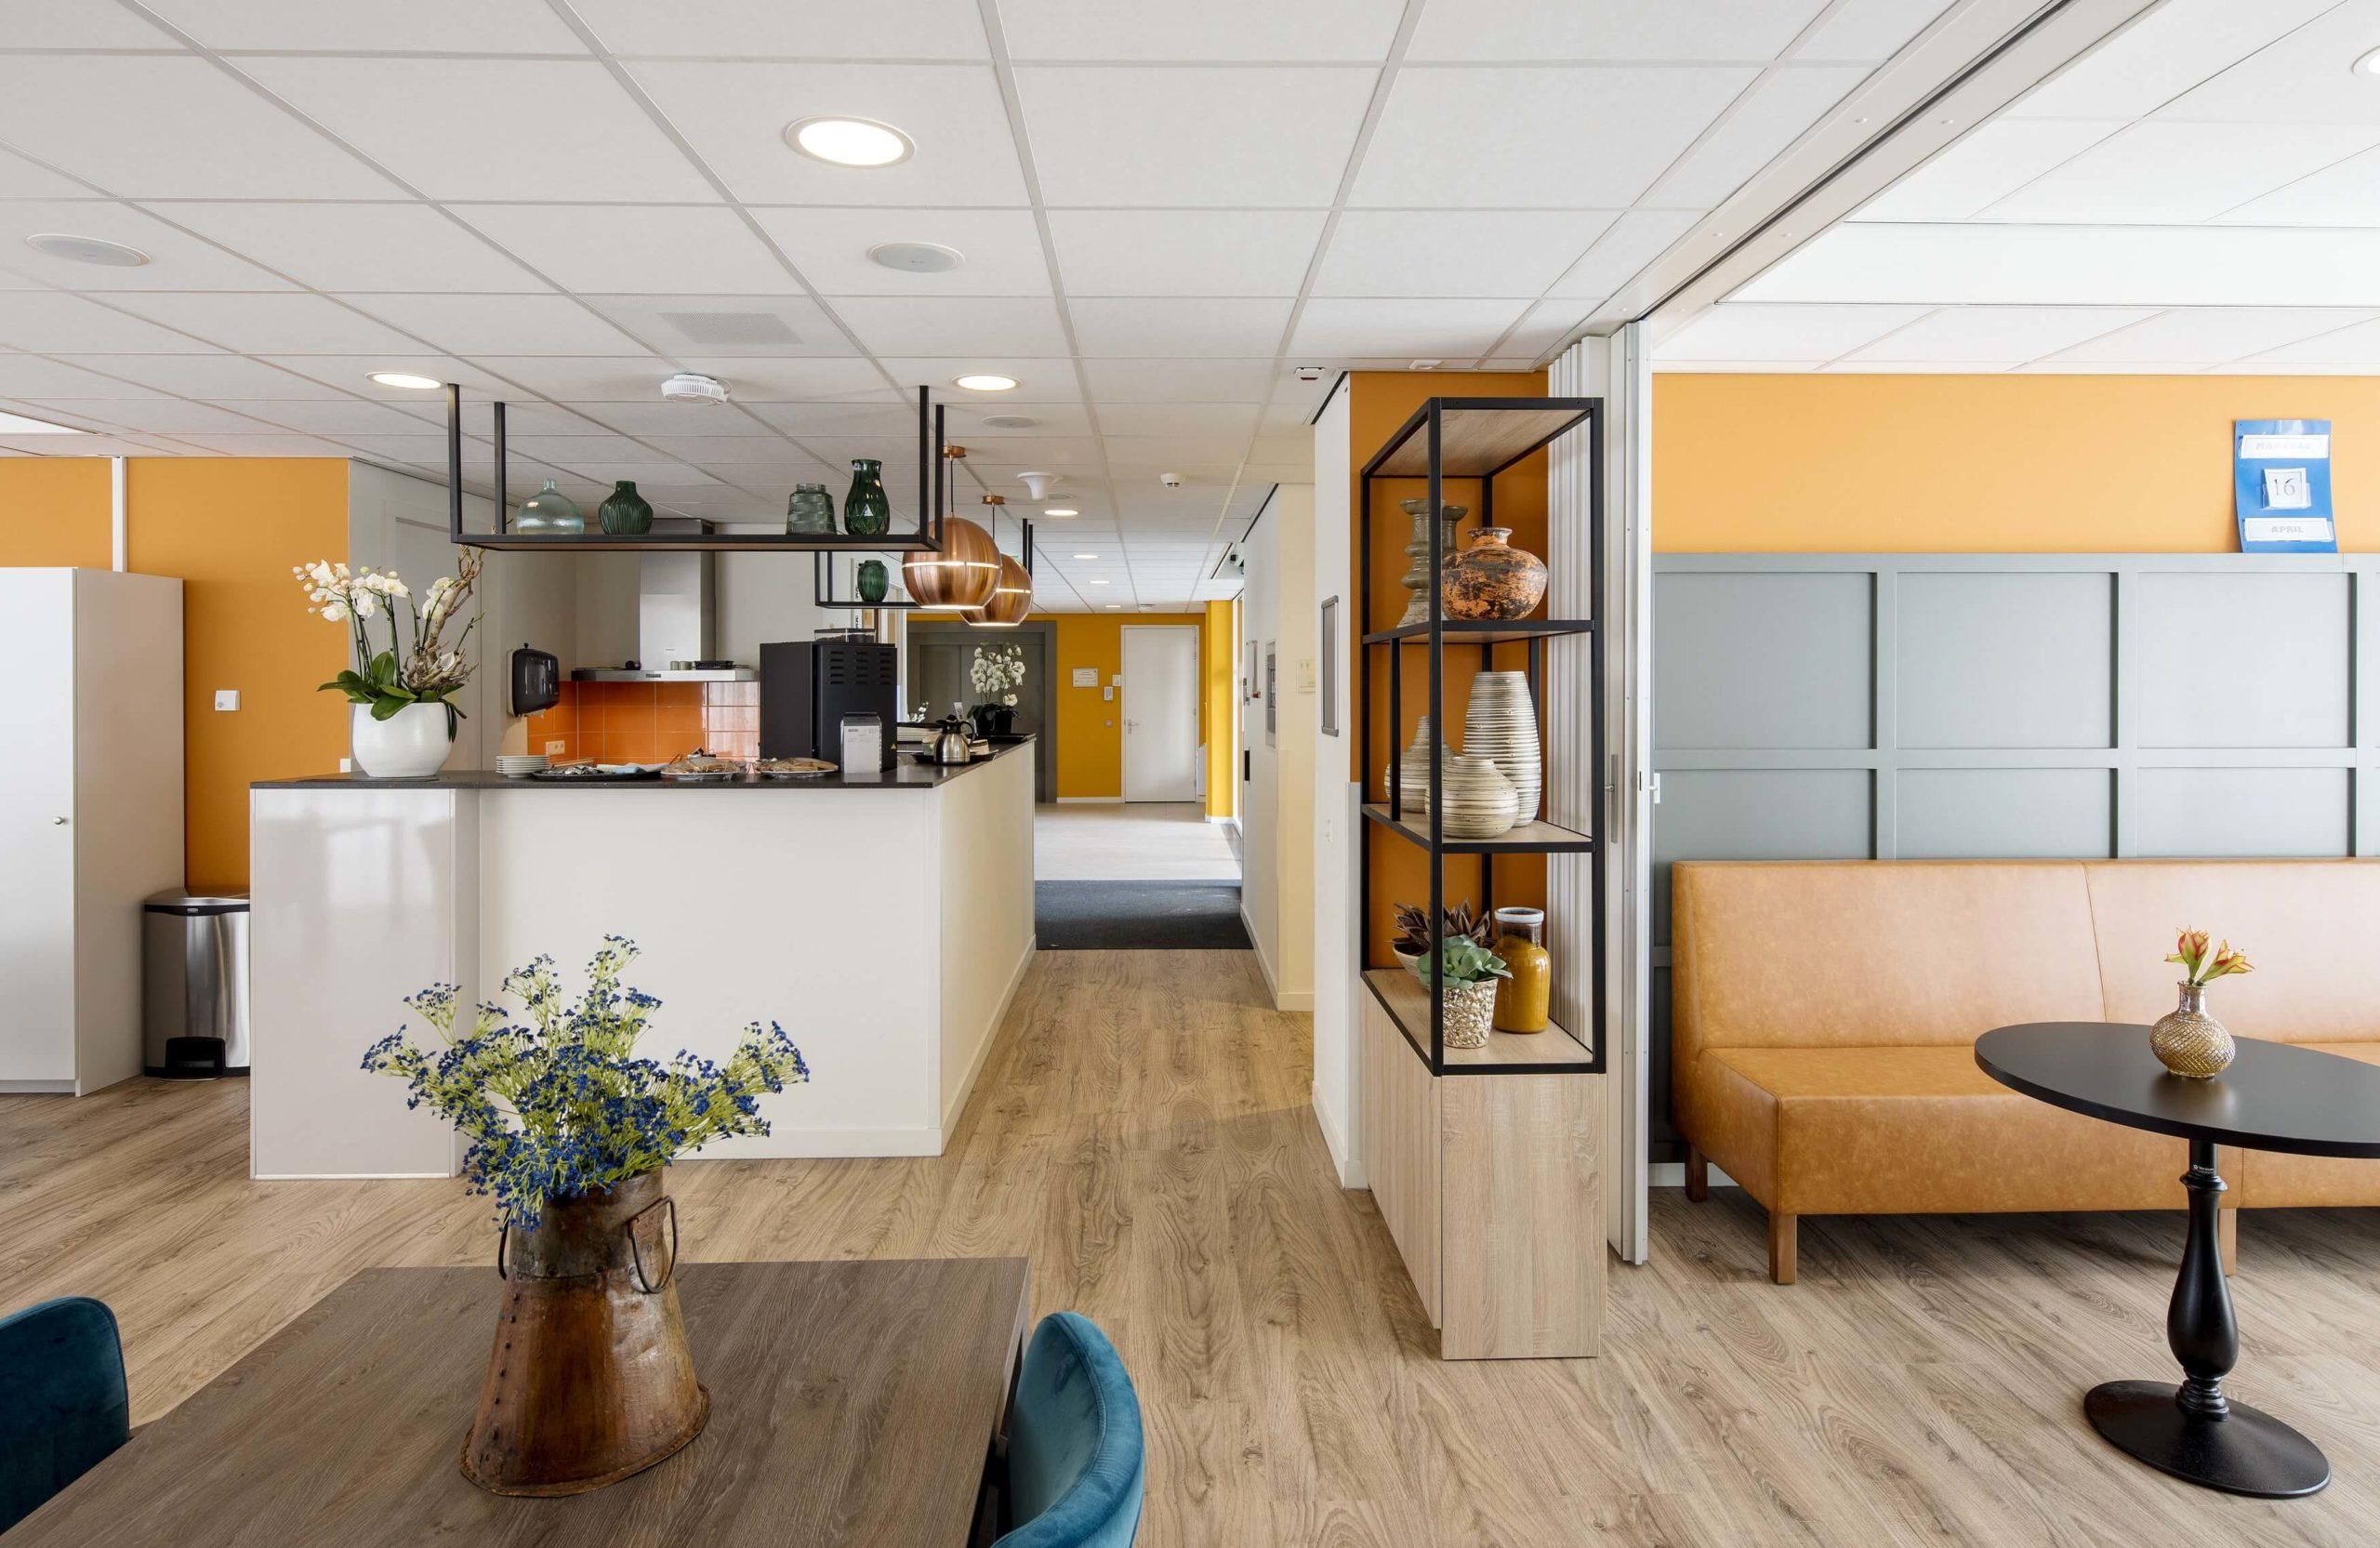 Woonzorgcomplex Theresia Ouderkerk aan de Amstel interieur